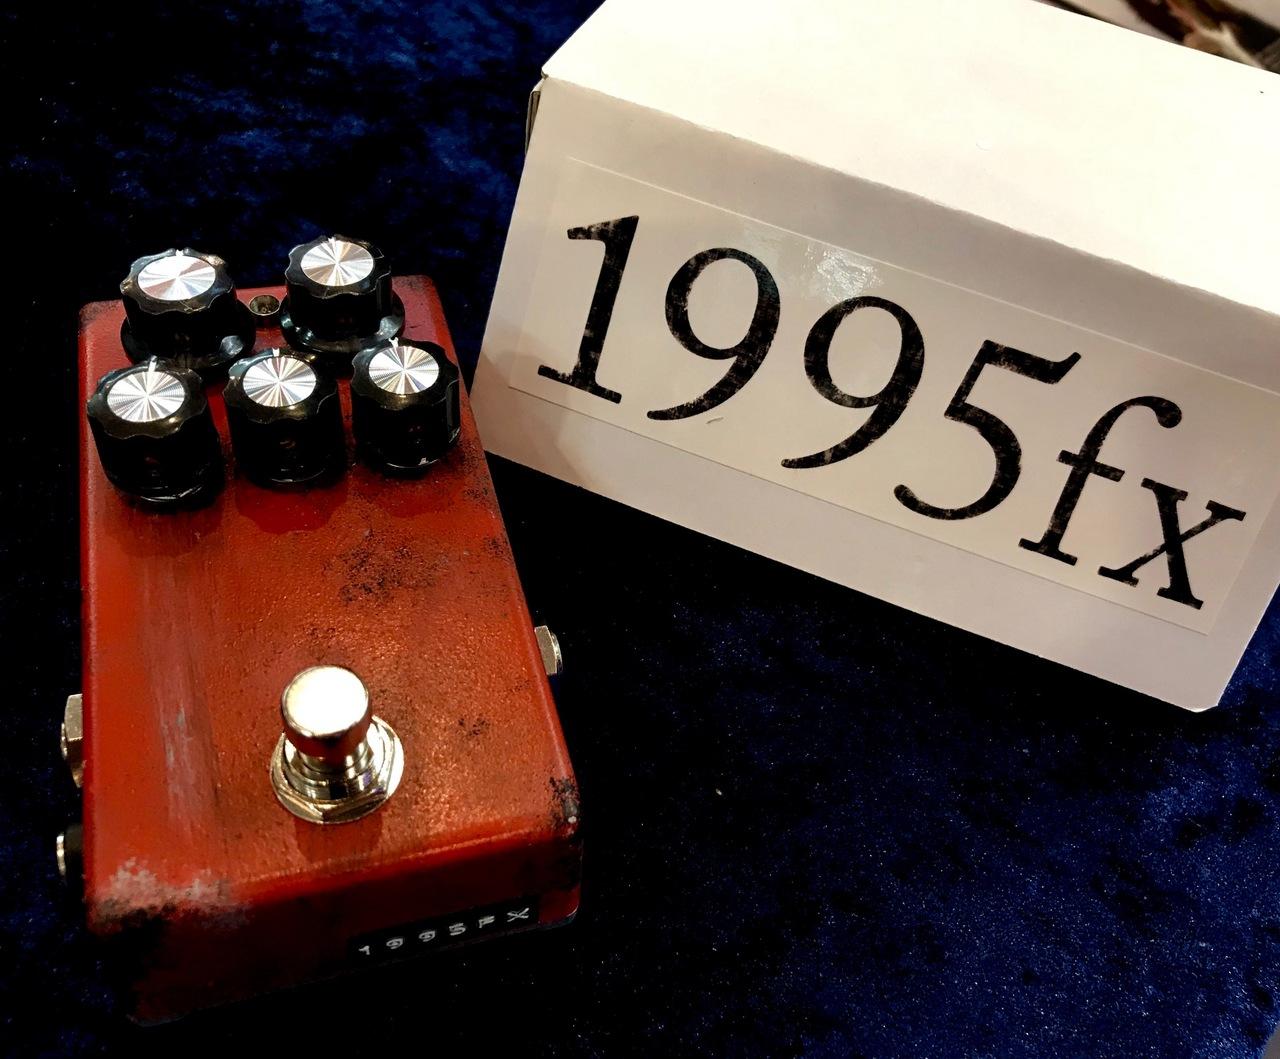 【受注生産】1995fx To calm